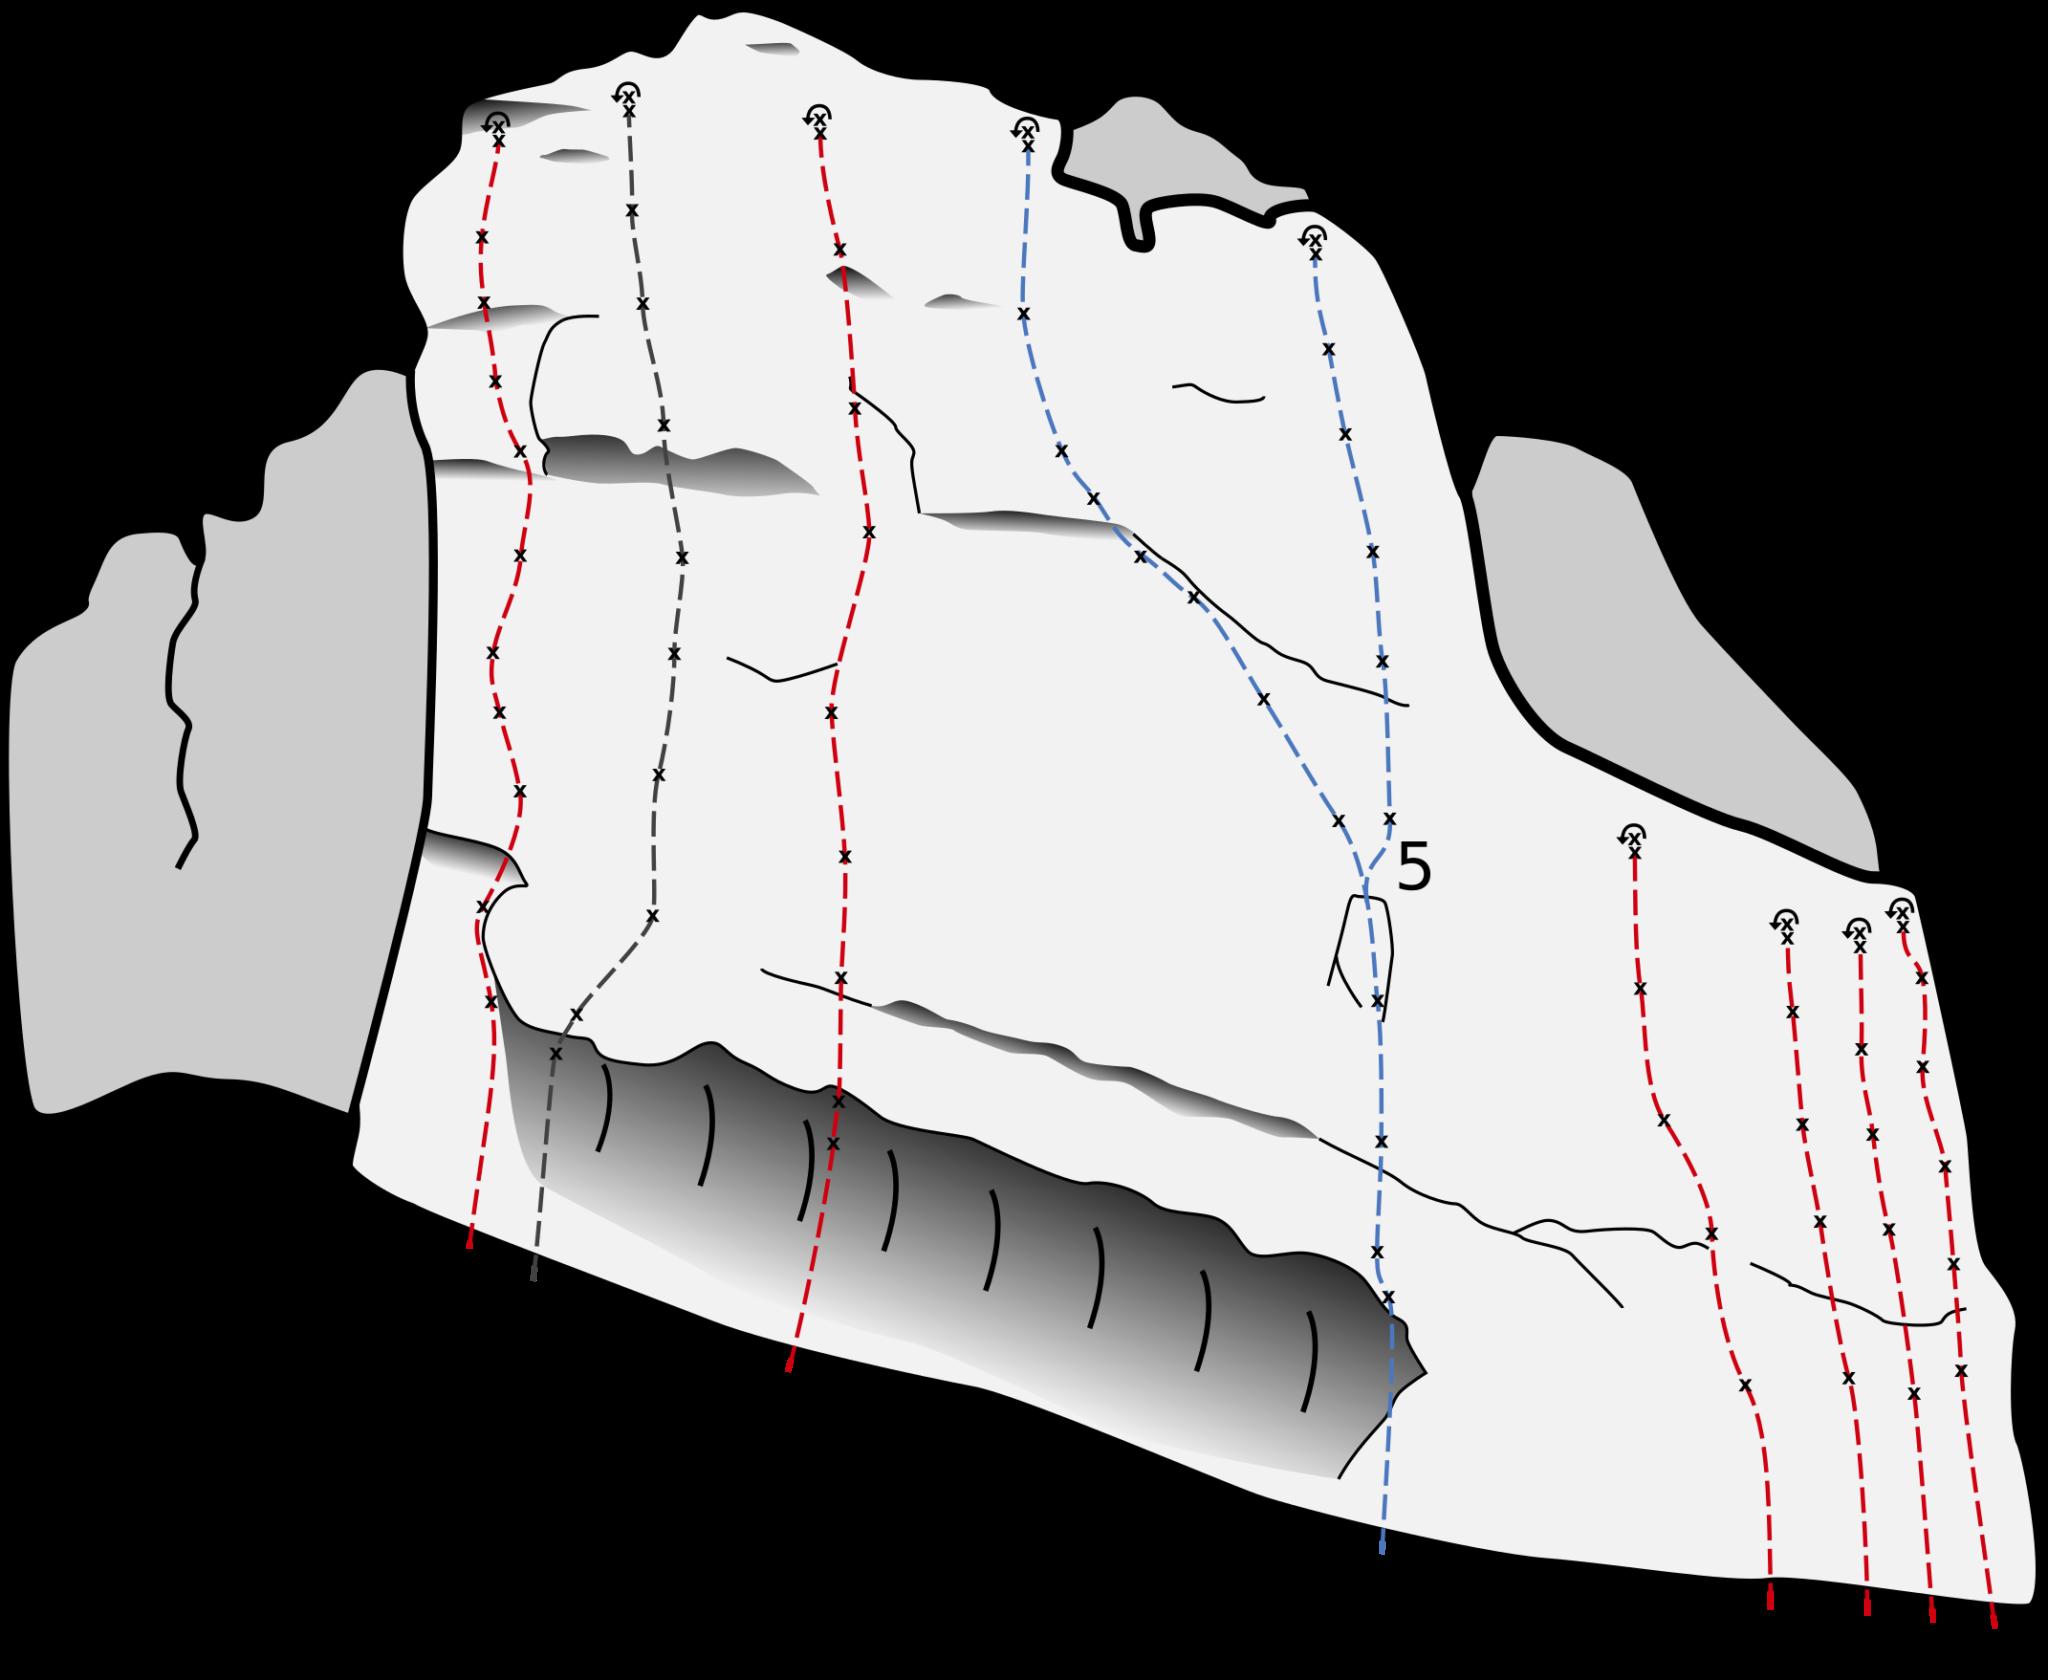 Das Bild zeigt eine Topo des Kletterfels Kleinziegenfelder Wacht im Kleinziegenfelder Tal